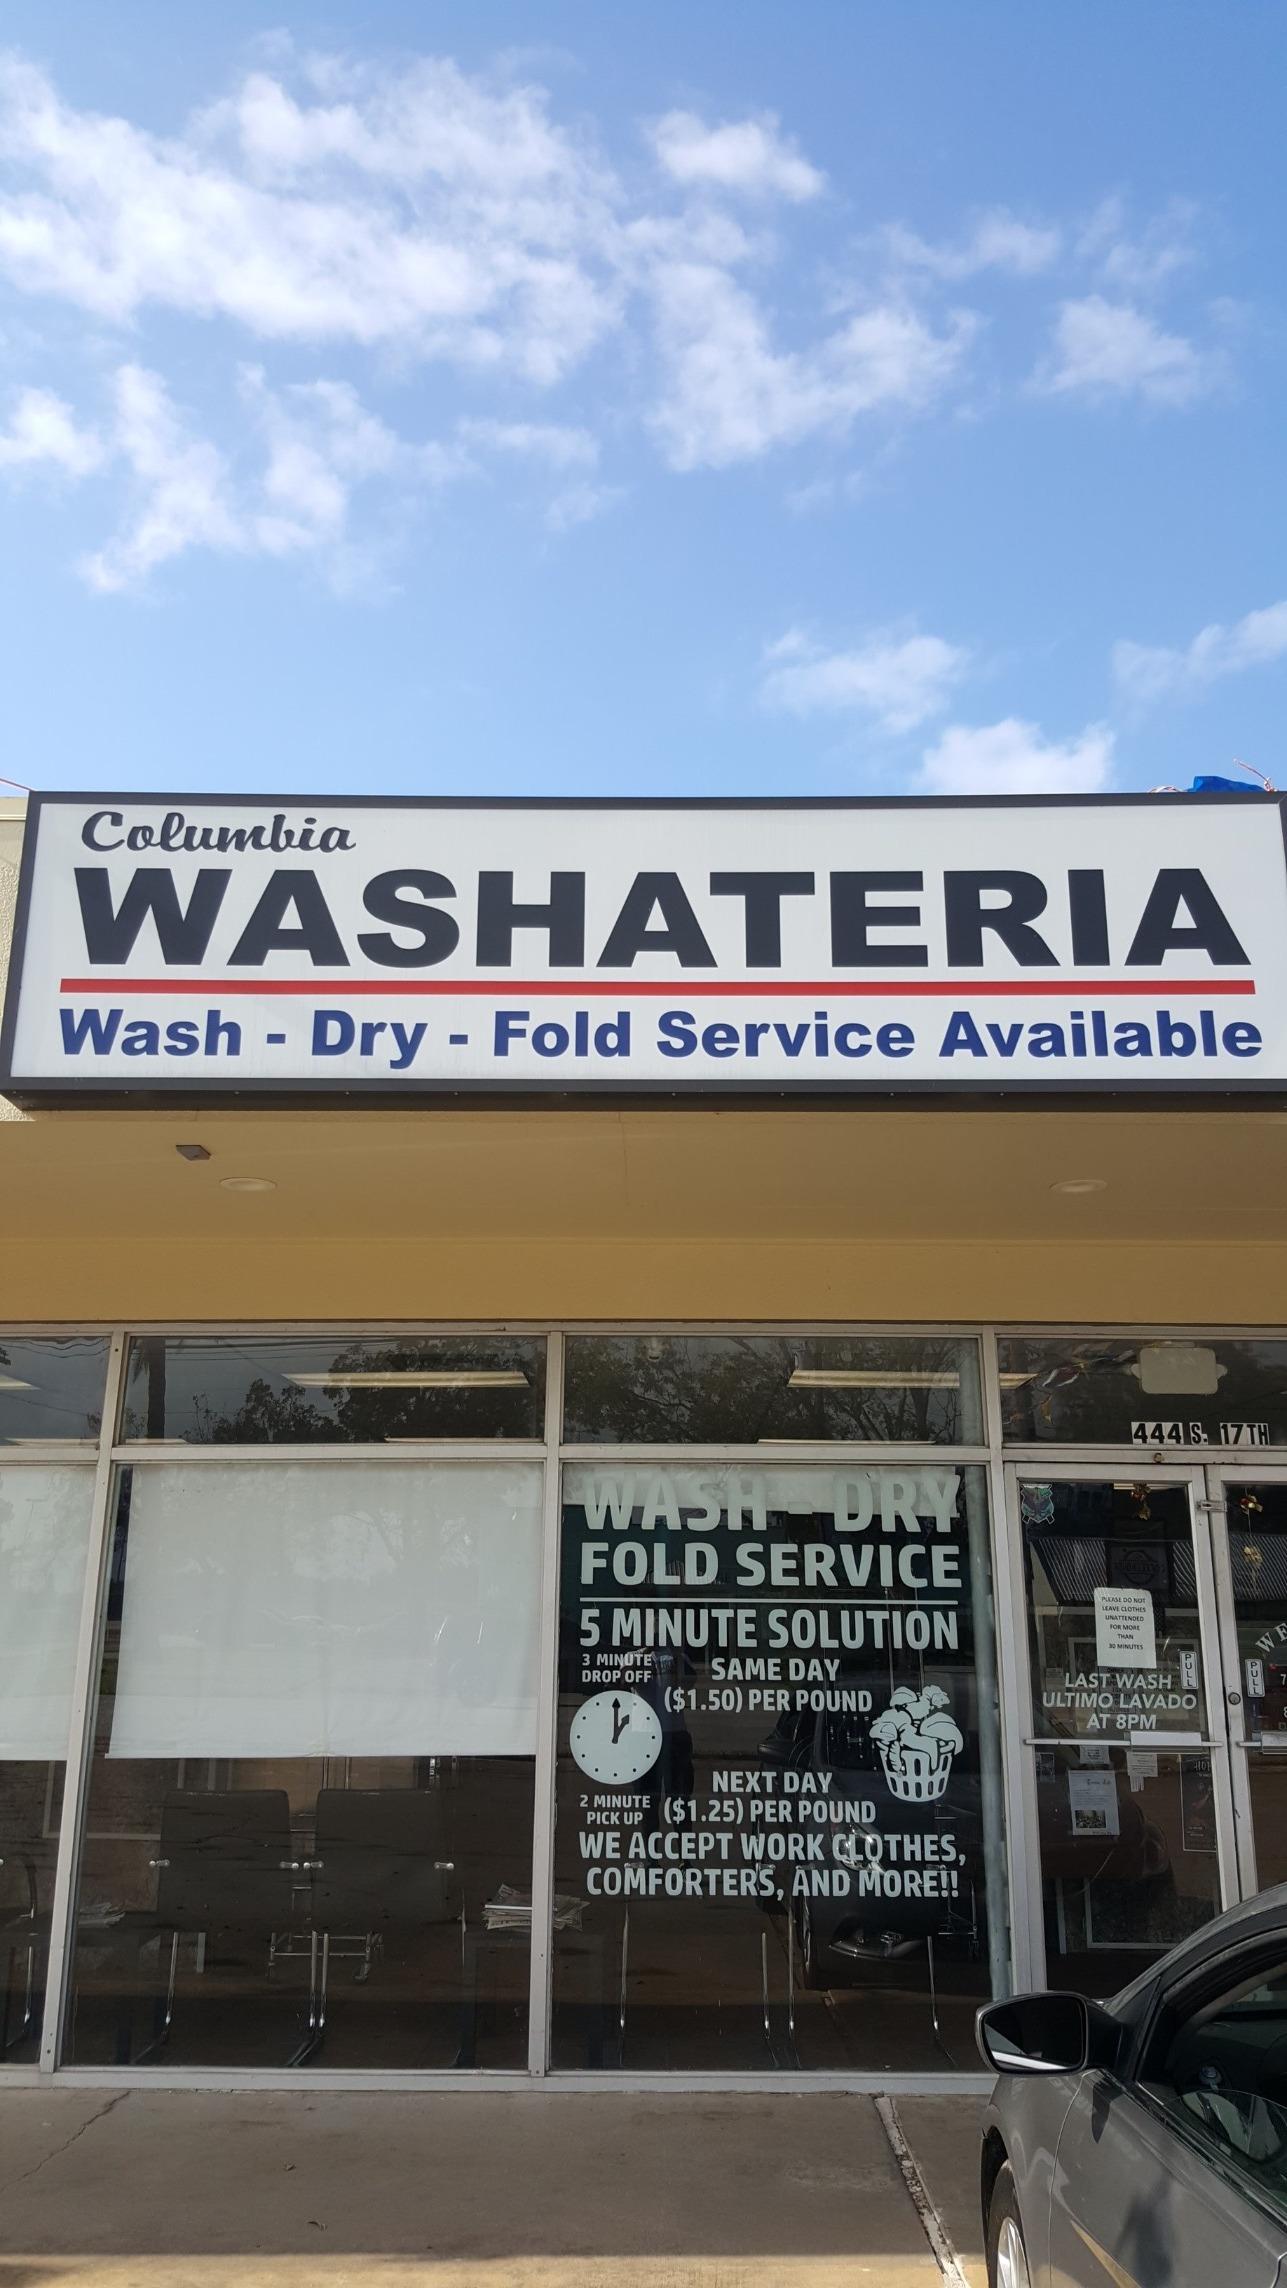 Columbia Washateria